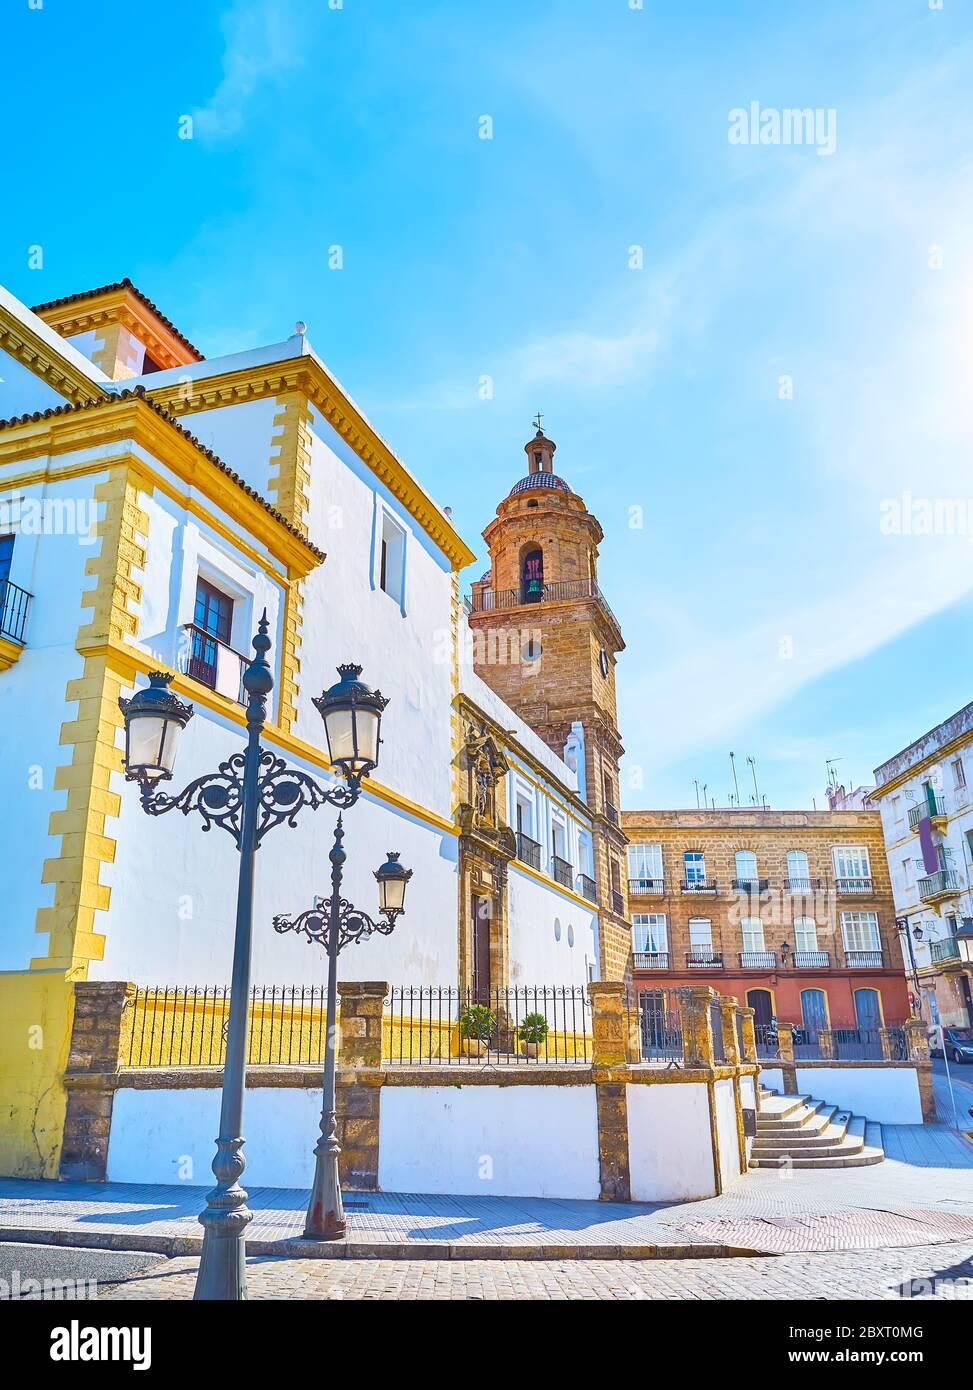 Le lampadaire d'époque se trouve en face de l'église historique de Saint-Domingue, avec son clocher médiéval conservé, Cadix, Espagne Banque D'Images